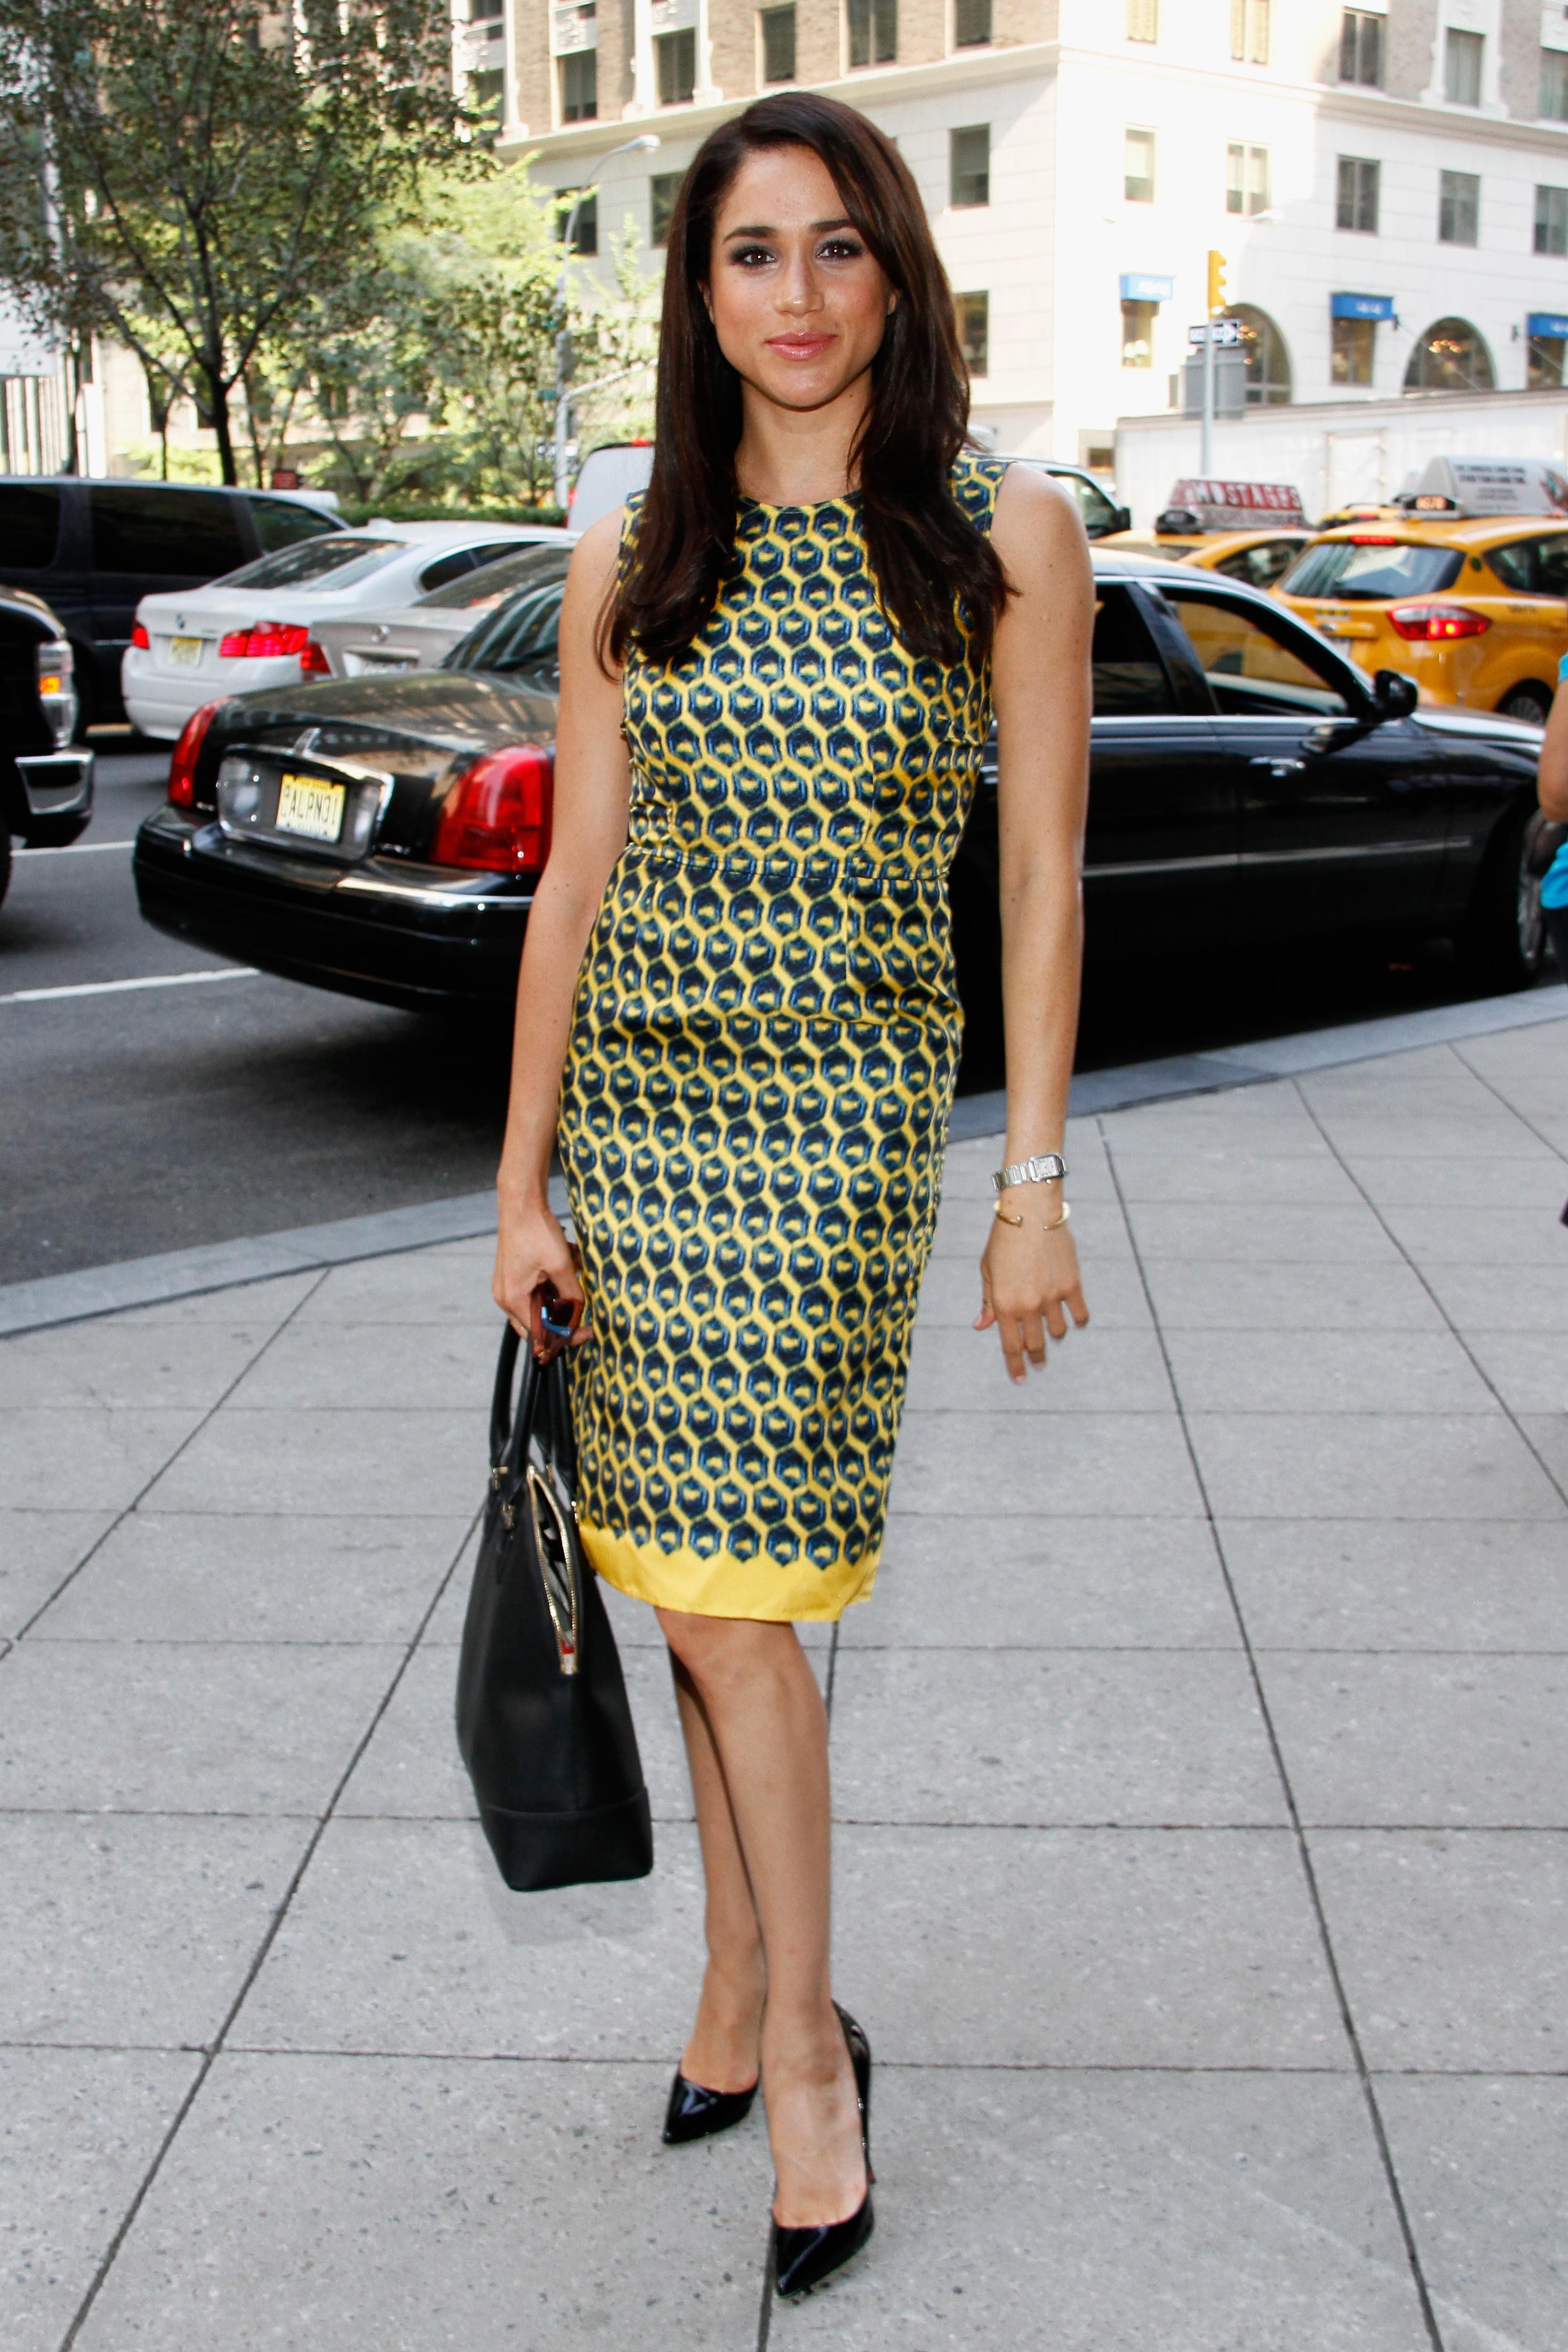 Meghan Markle no evento Annual Charity Day em 2013 em Nova York usando o relógio (Foto: Getty Images)